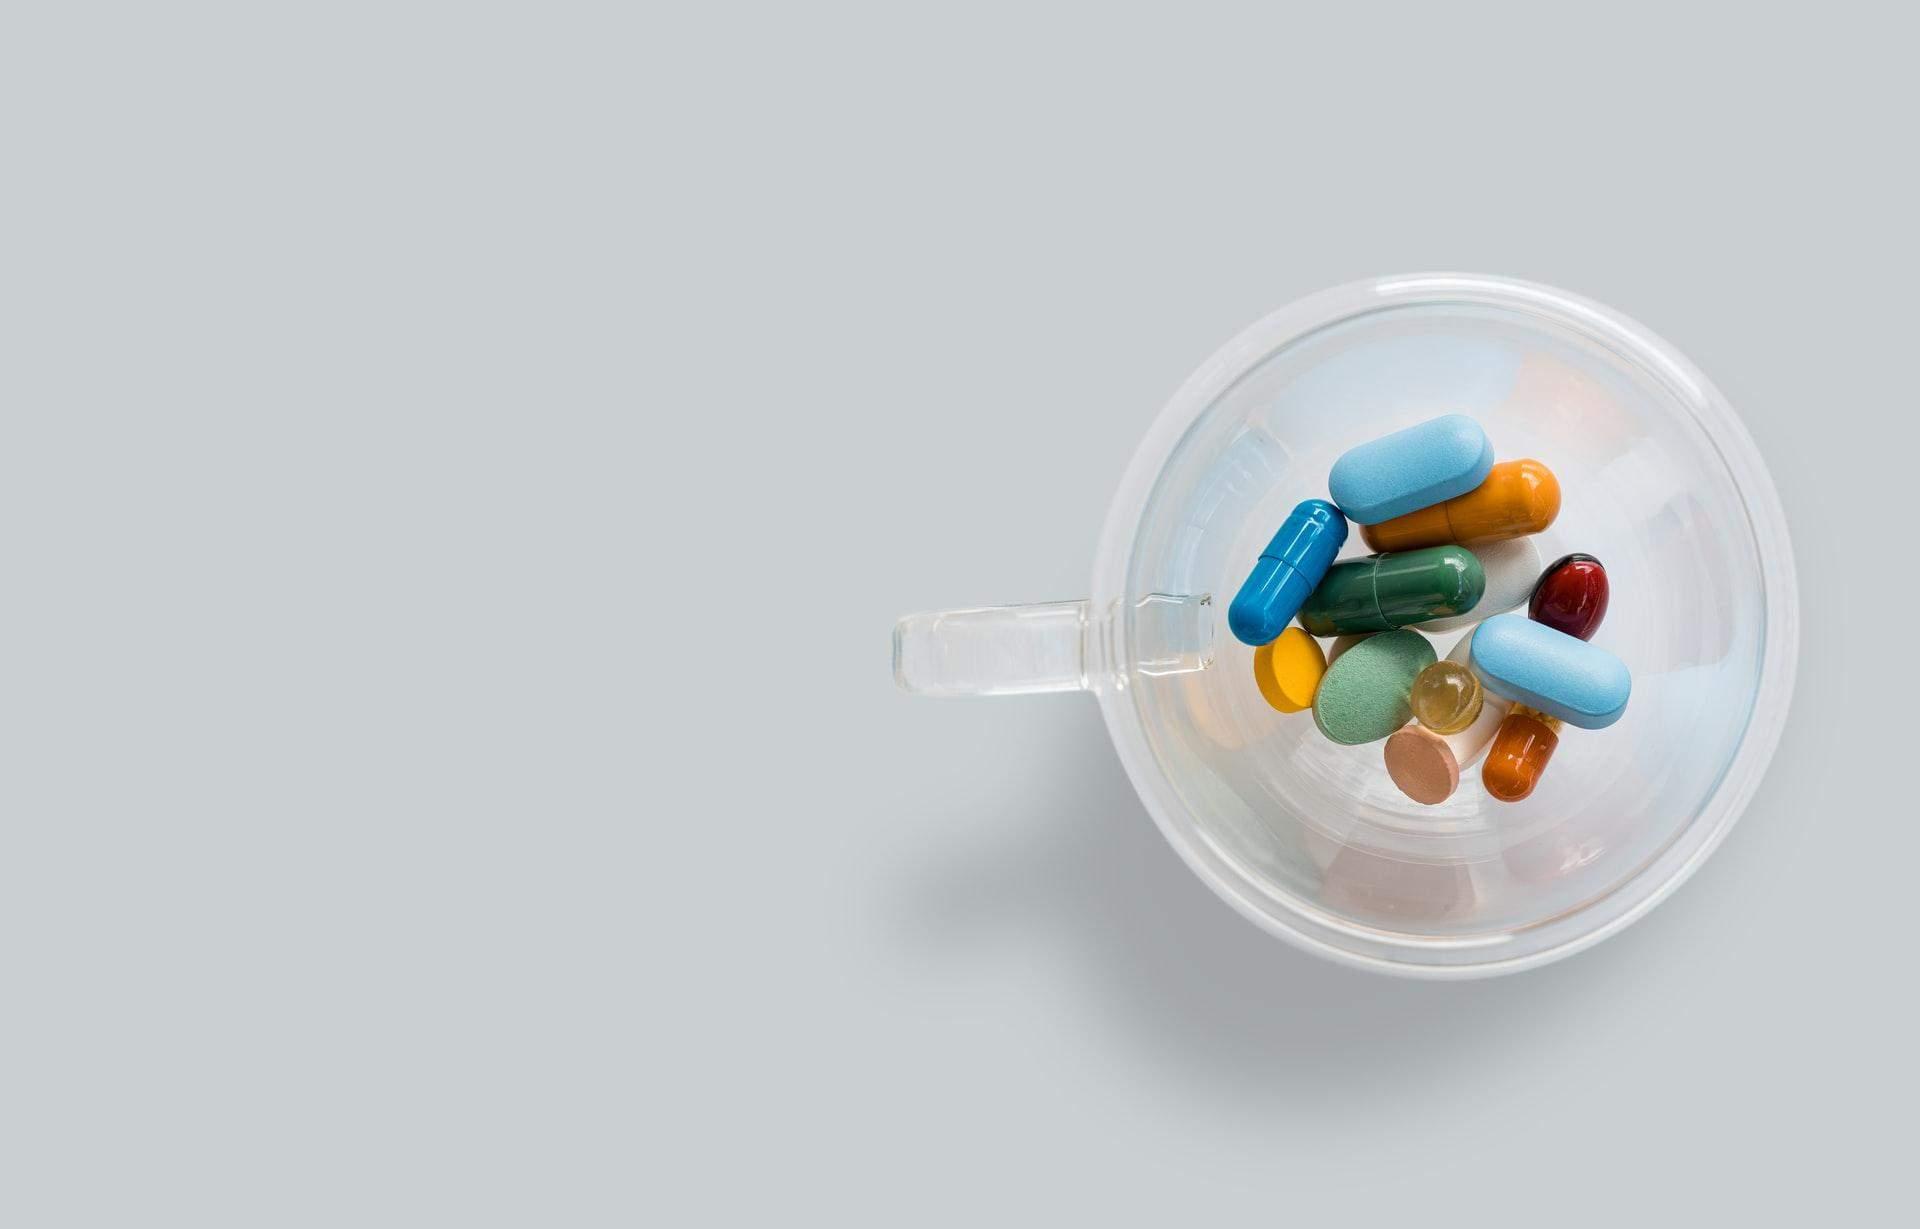 Без антибіотиків на медицину чекає колапс